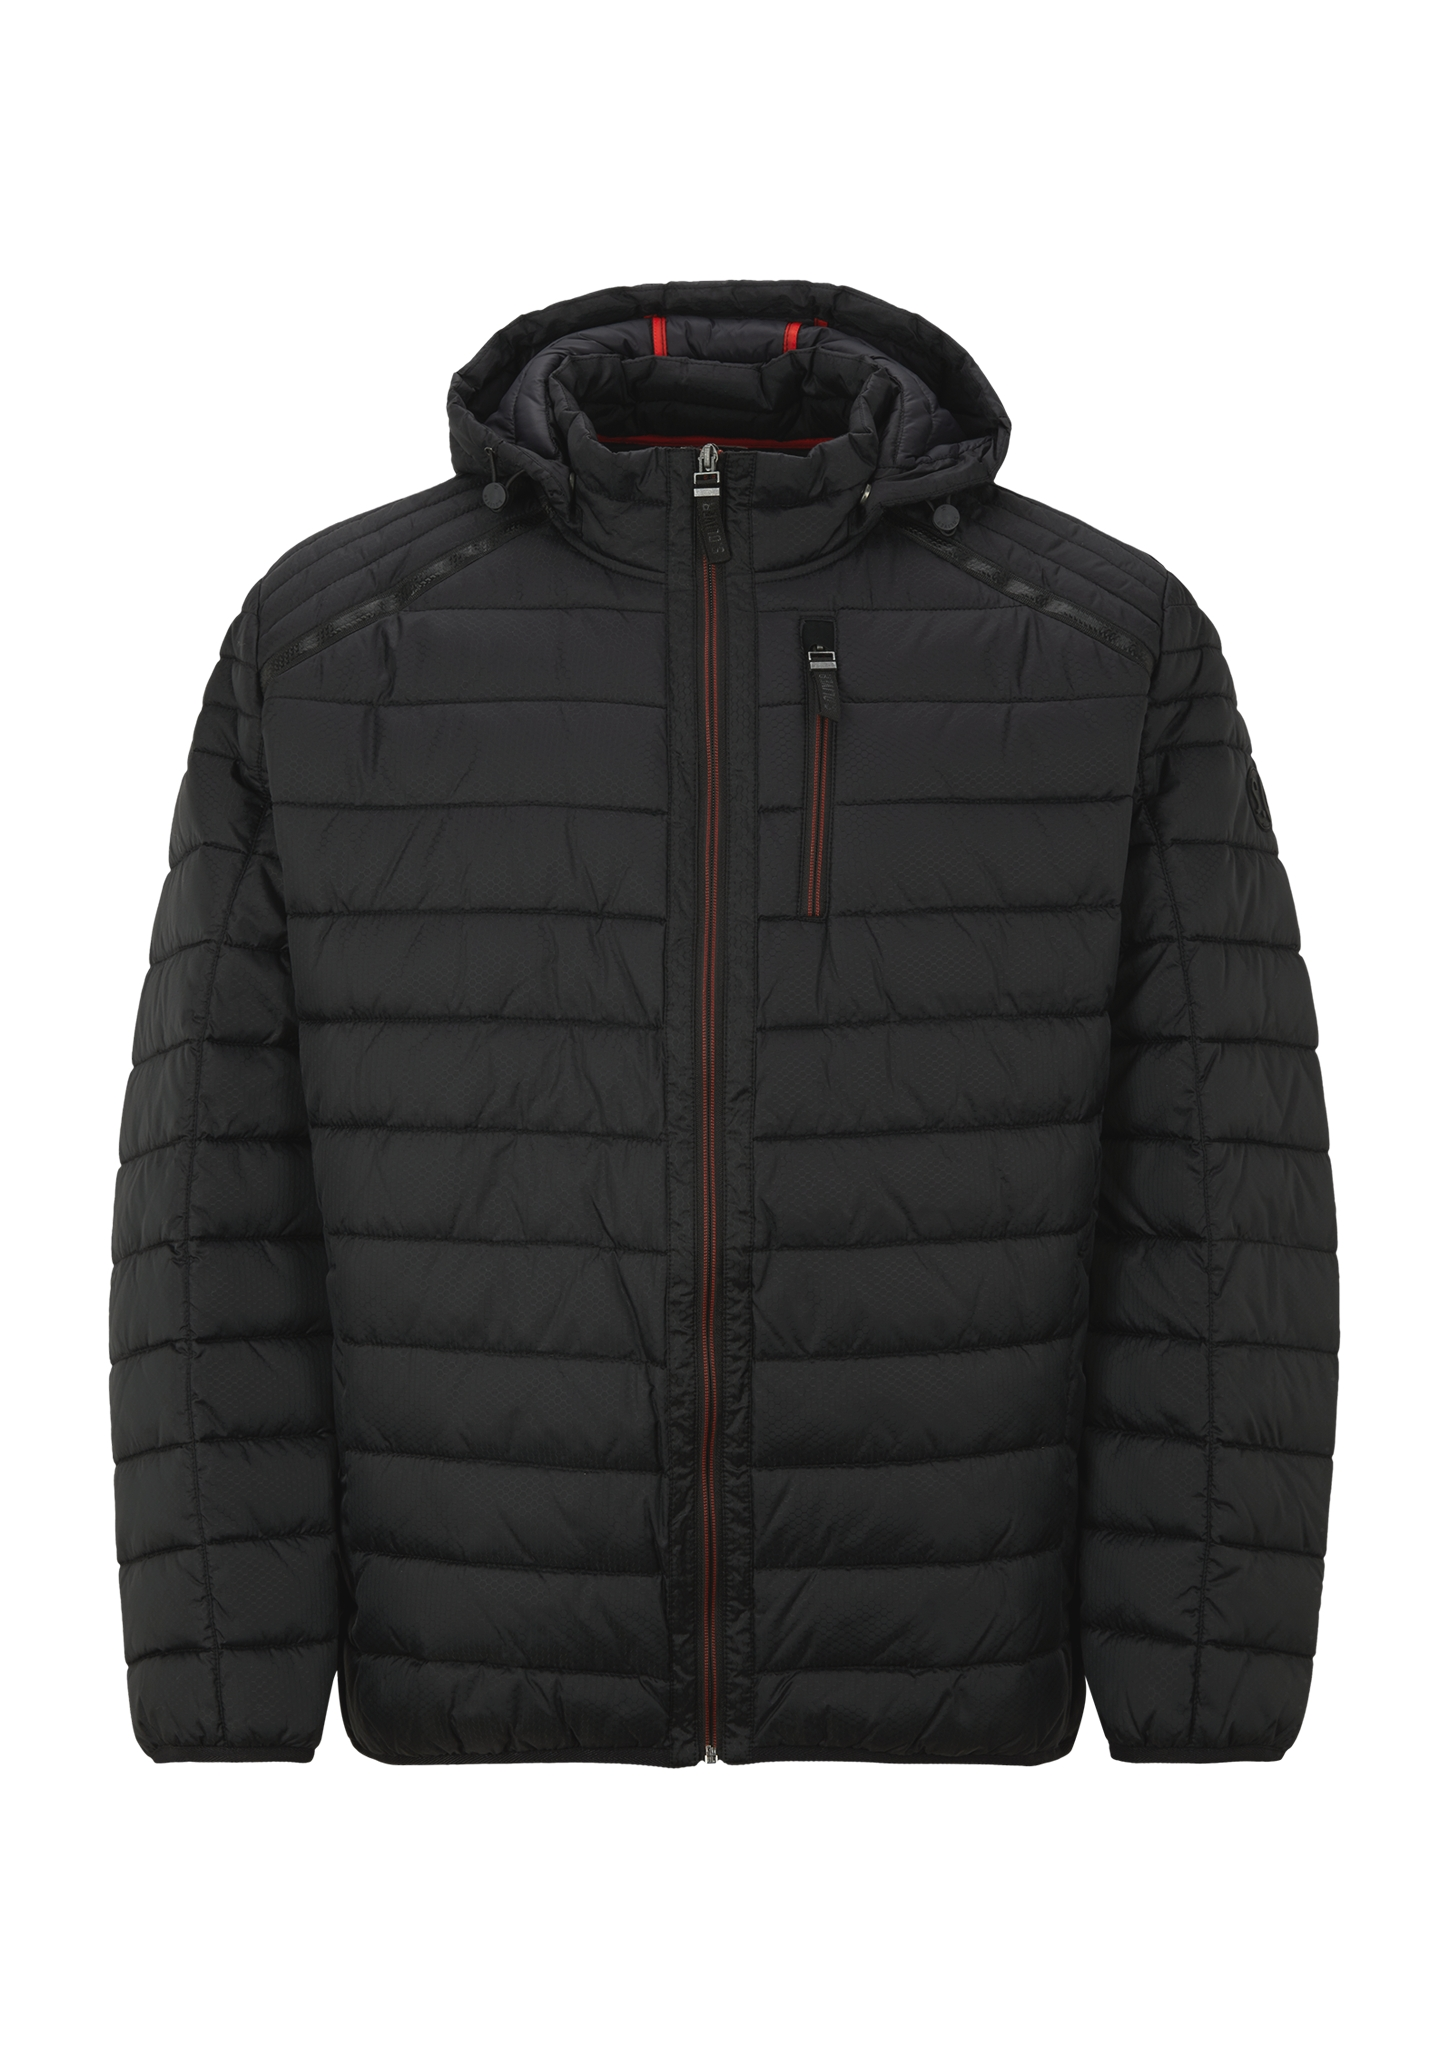 Outdoorjacke | Sportbekleidung > Sportjacken > Outdoorjacken | Schwarz | Obermaterial 100% polyamid| futter 100% polyamid| füllmaterial 100% polyester | s.Oliver Men Big Sizes